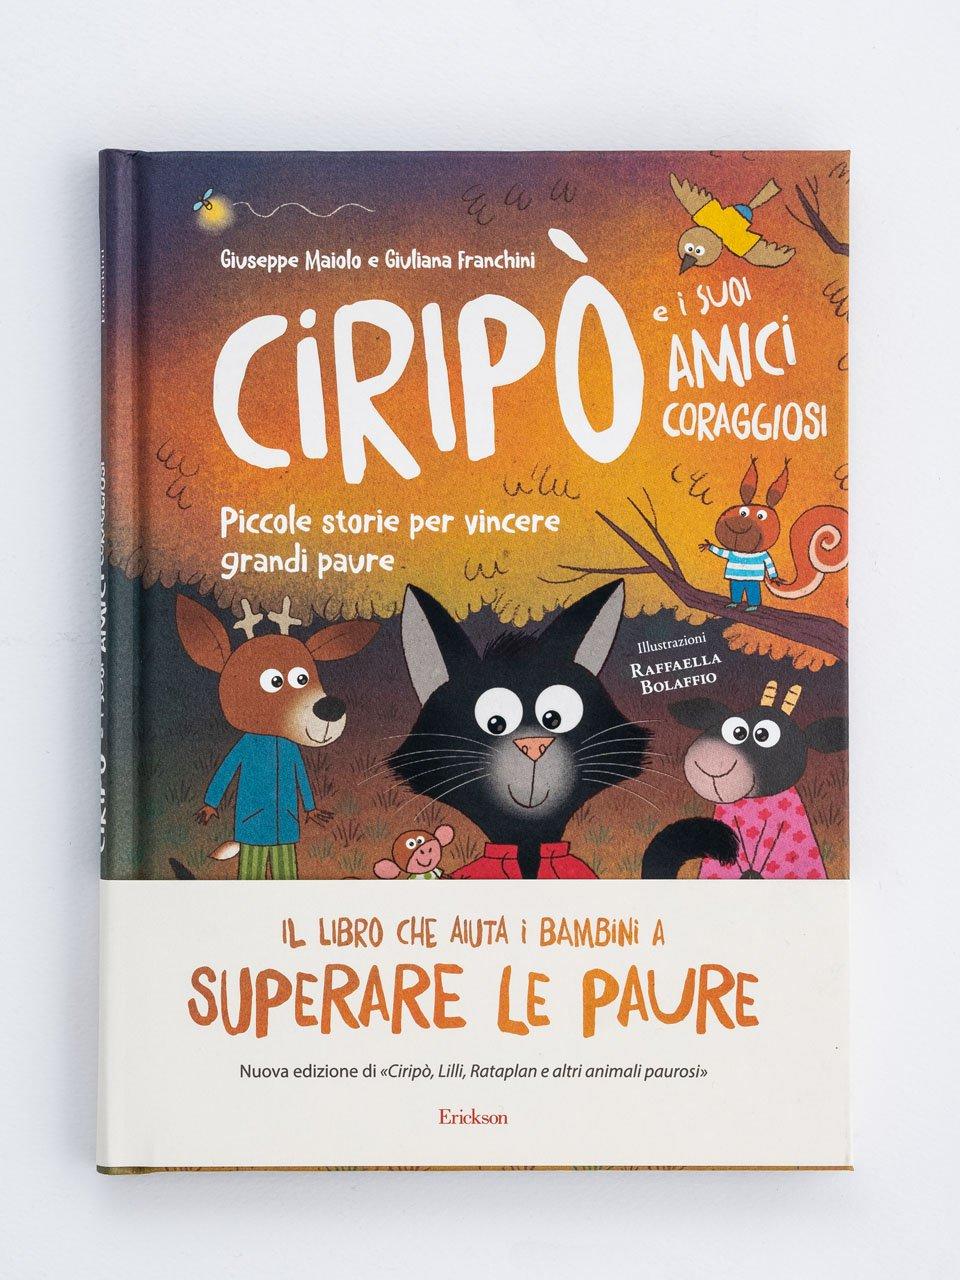 Ciripò e i suoi amici coraggiosi - Stop all'ansia sociale - Libri - Erickson